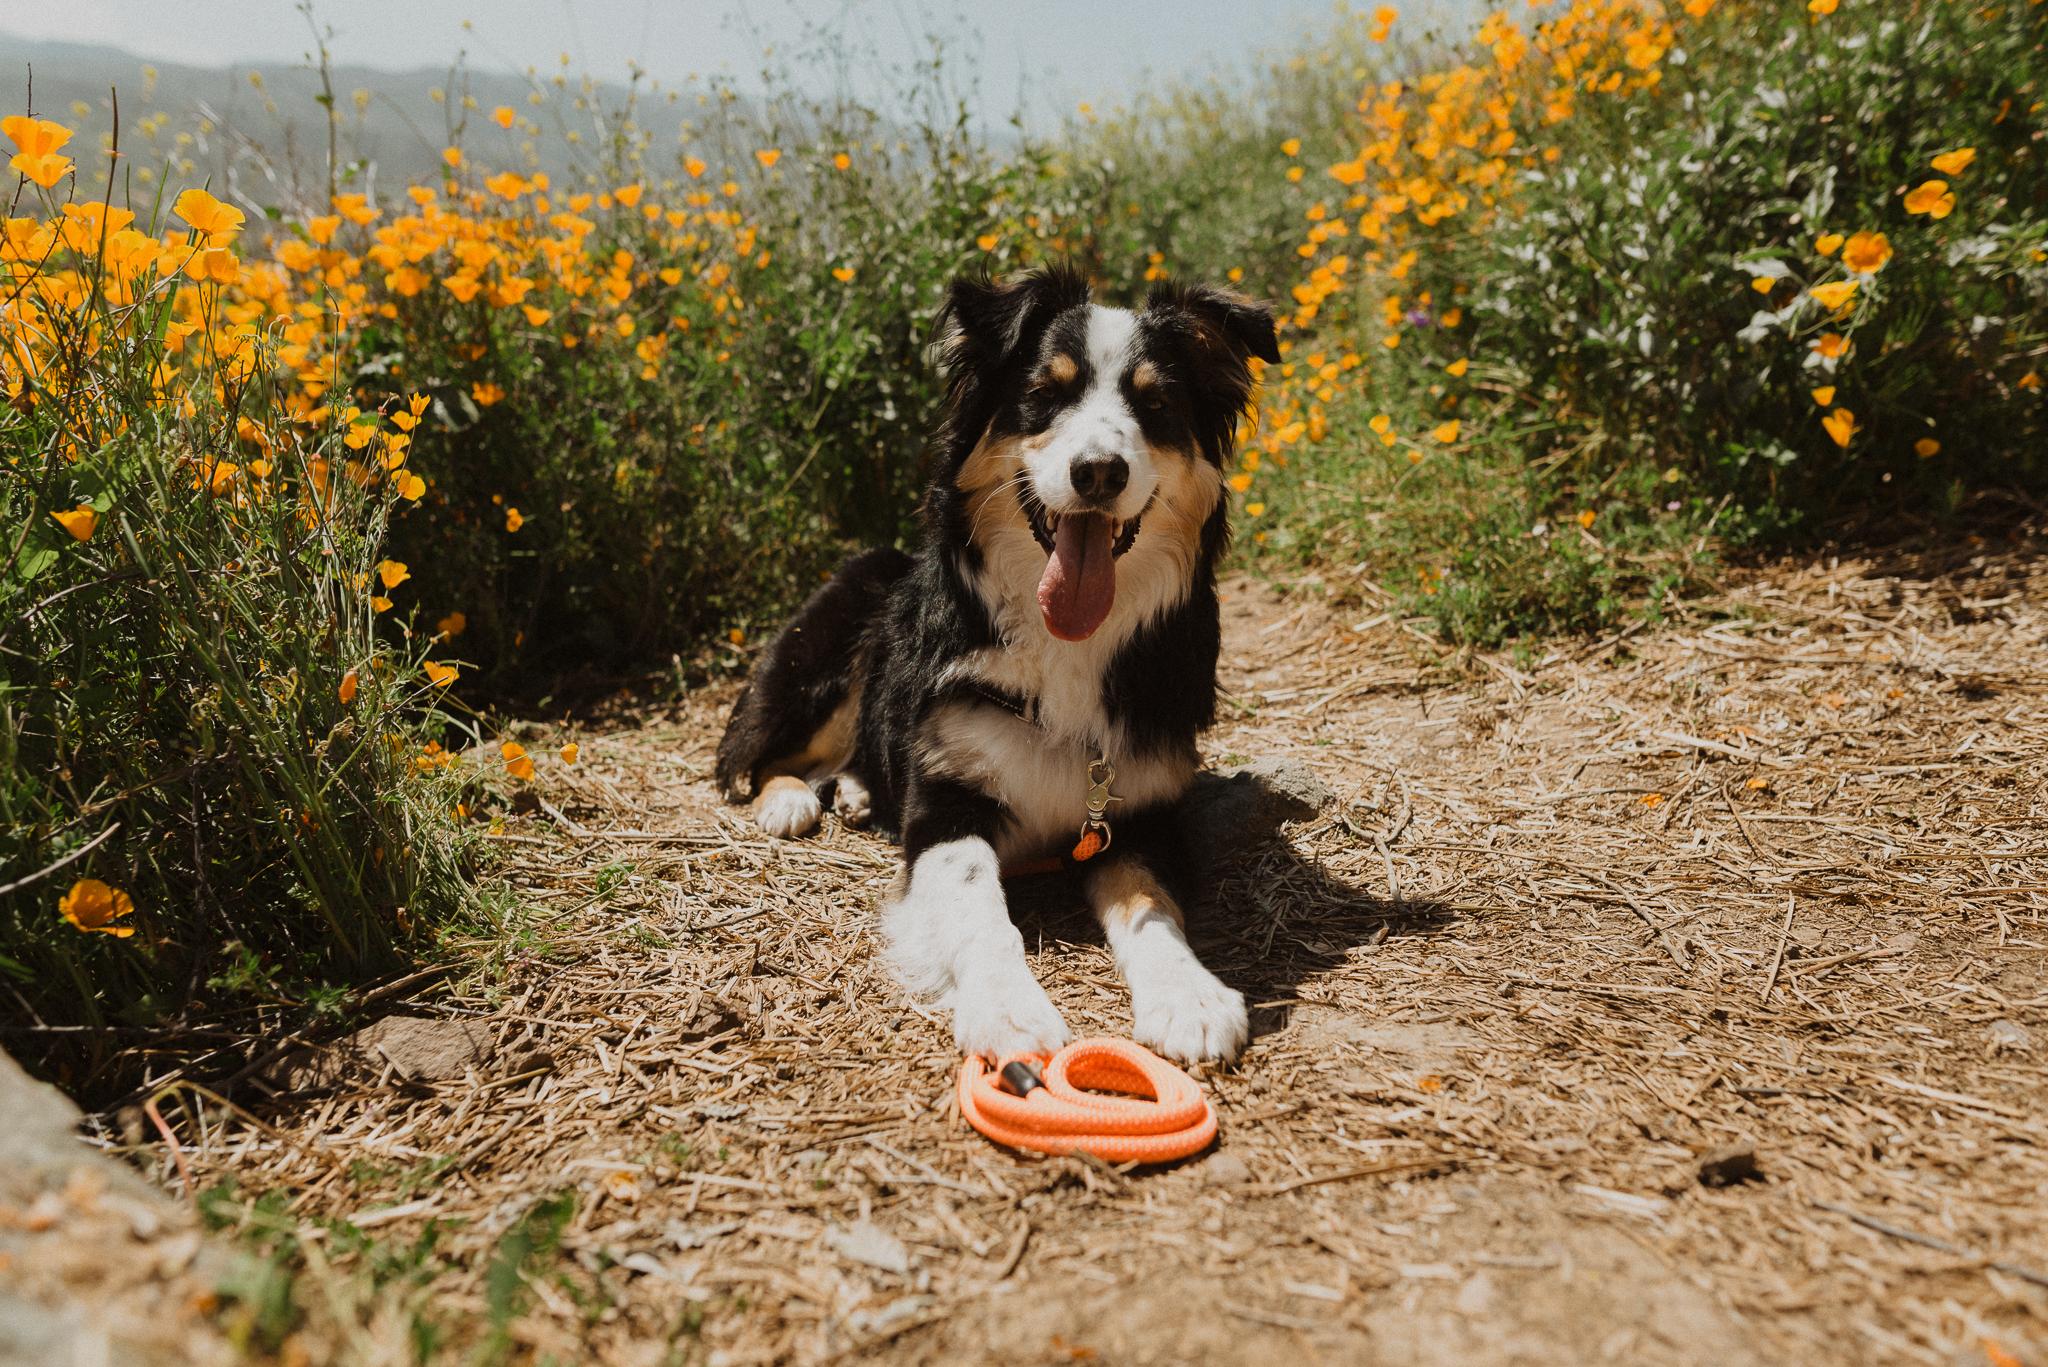 californiaadventurephotographer-2.jpg